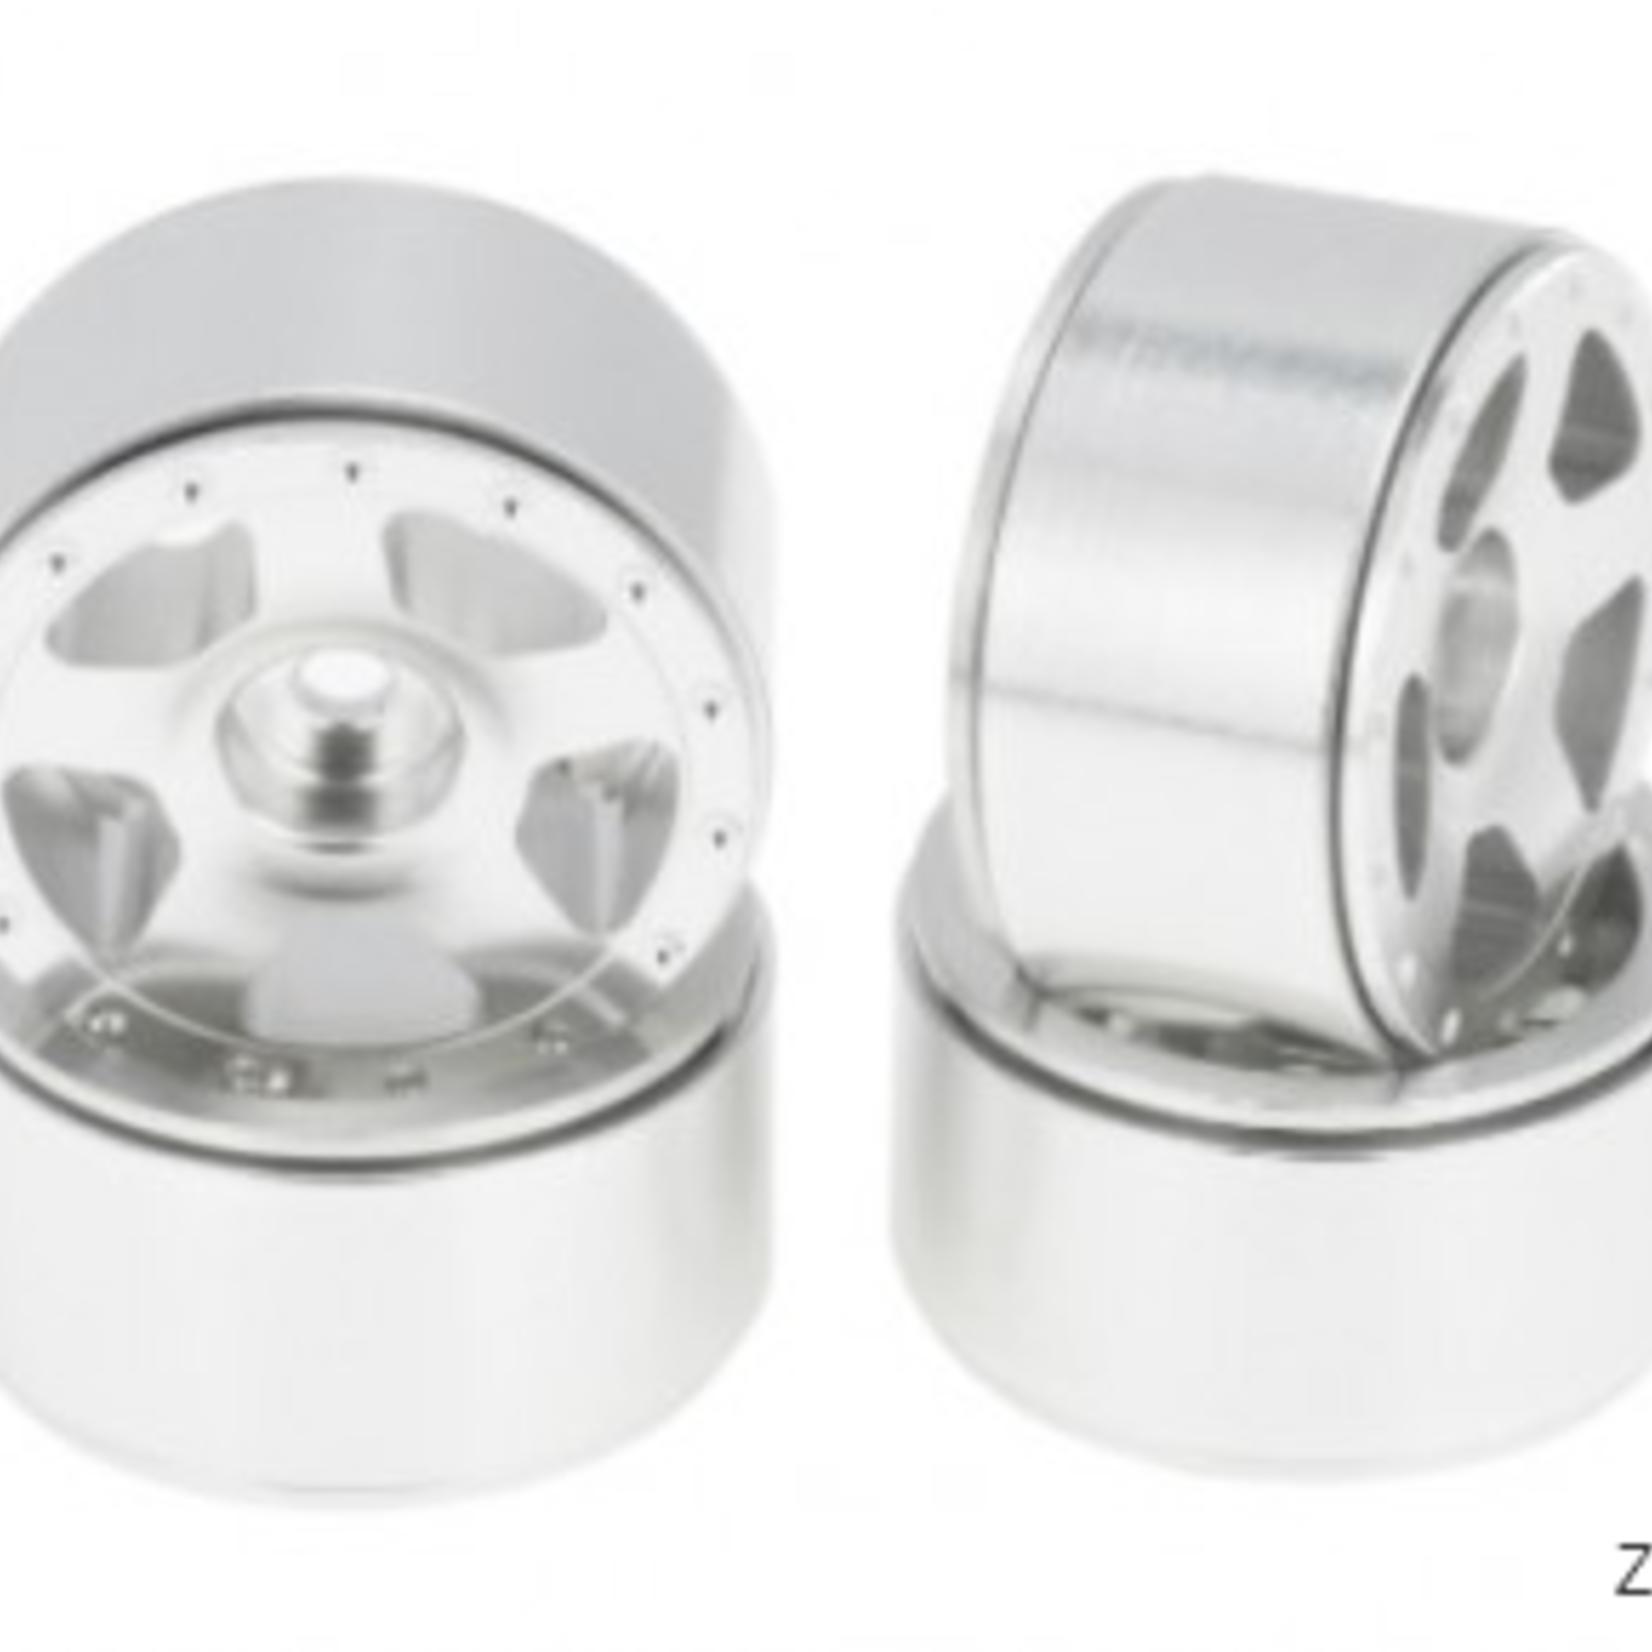 Hobby Details DTSCX24-33A SCX24 Aluminum Starfish Beadlock Wheels, White